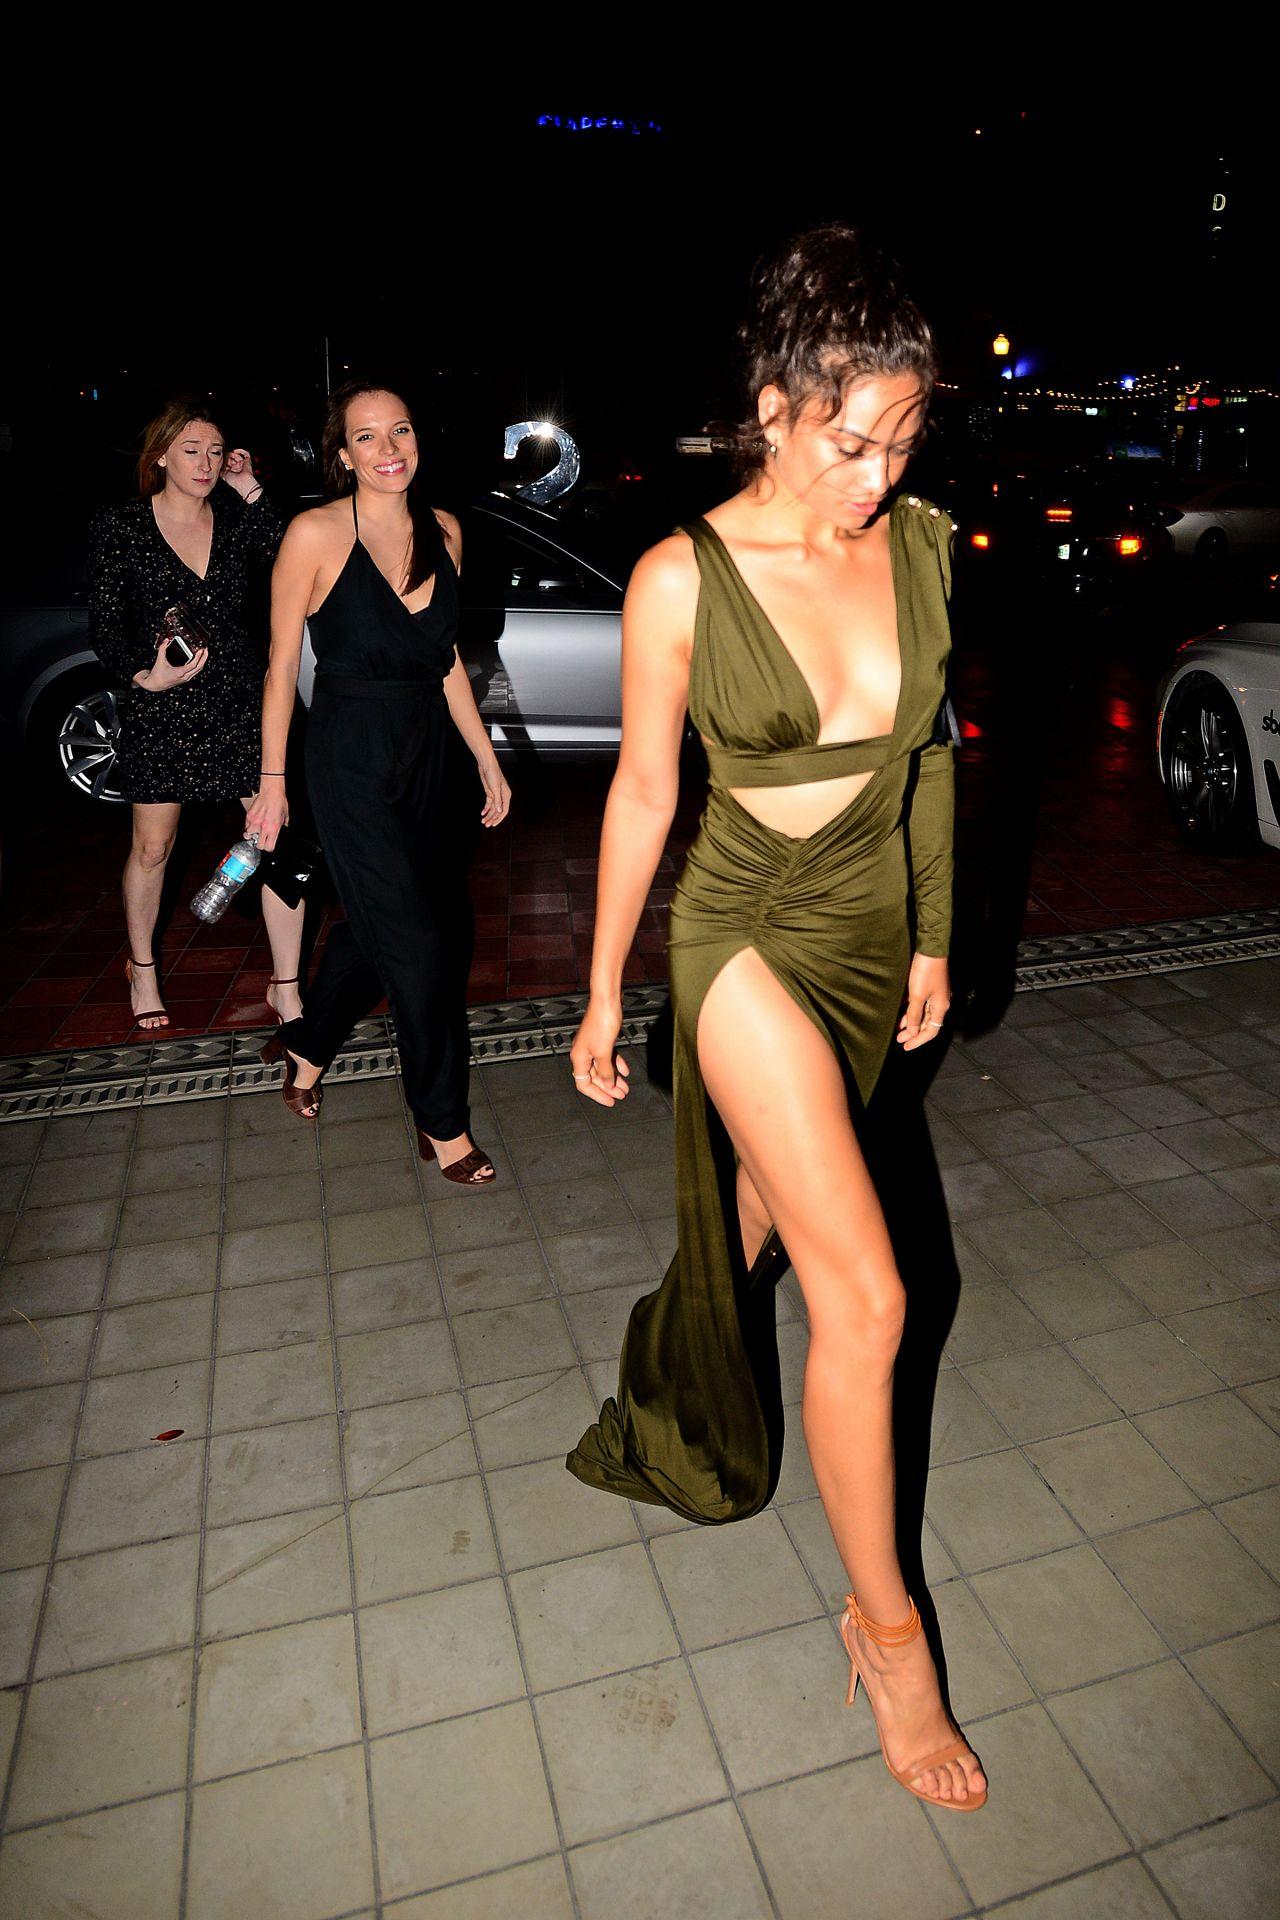 Emejing Sls Hotel Miami Contemporary - Joshkrajcik.us - joshkrajcik.us